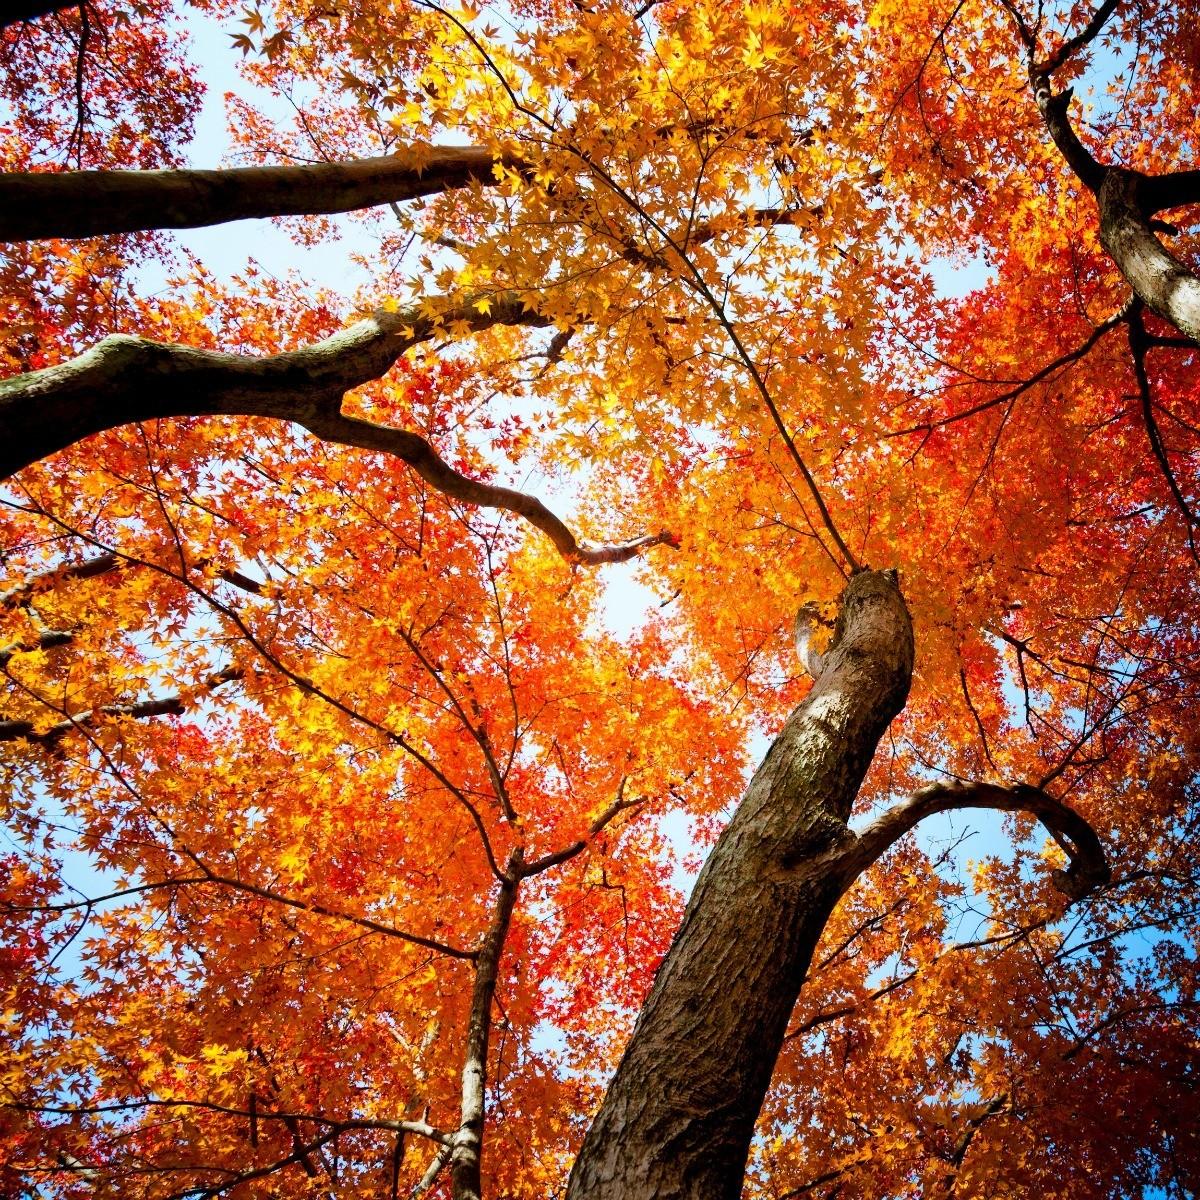 Photos of Autumn Trees | ThriftyFun